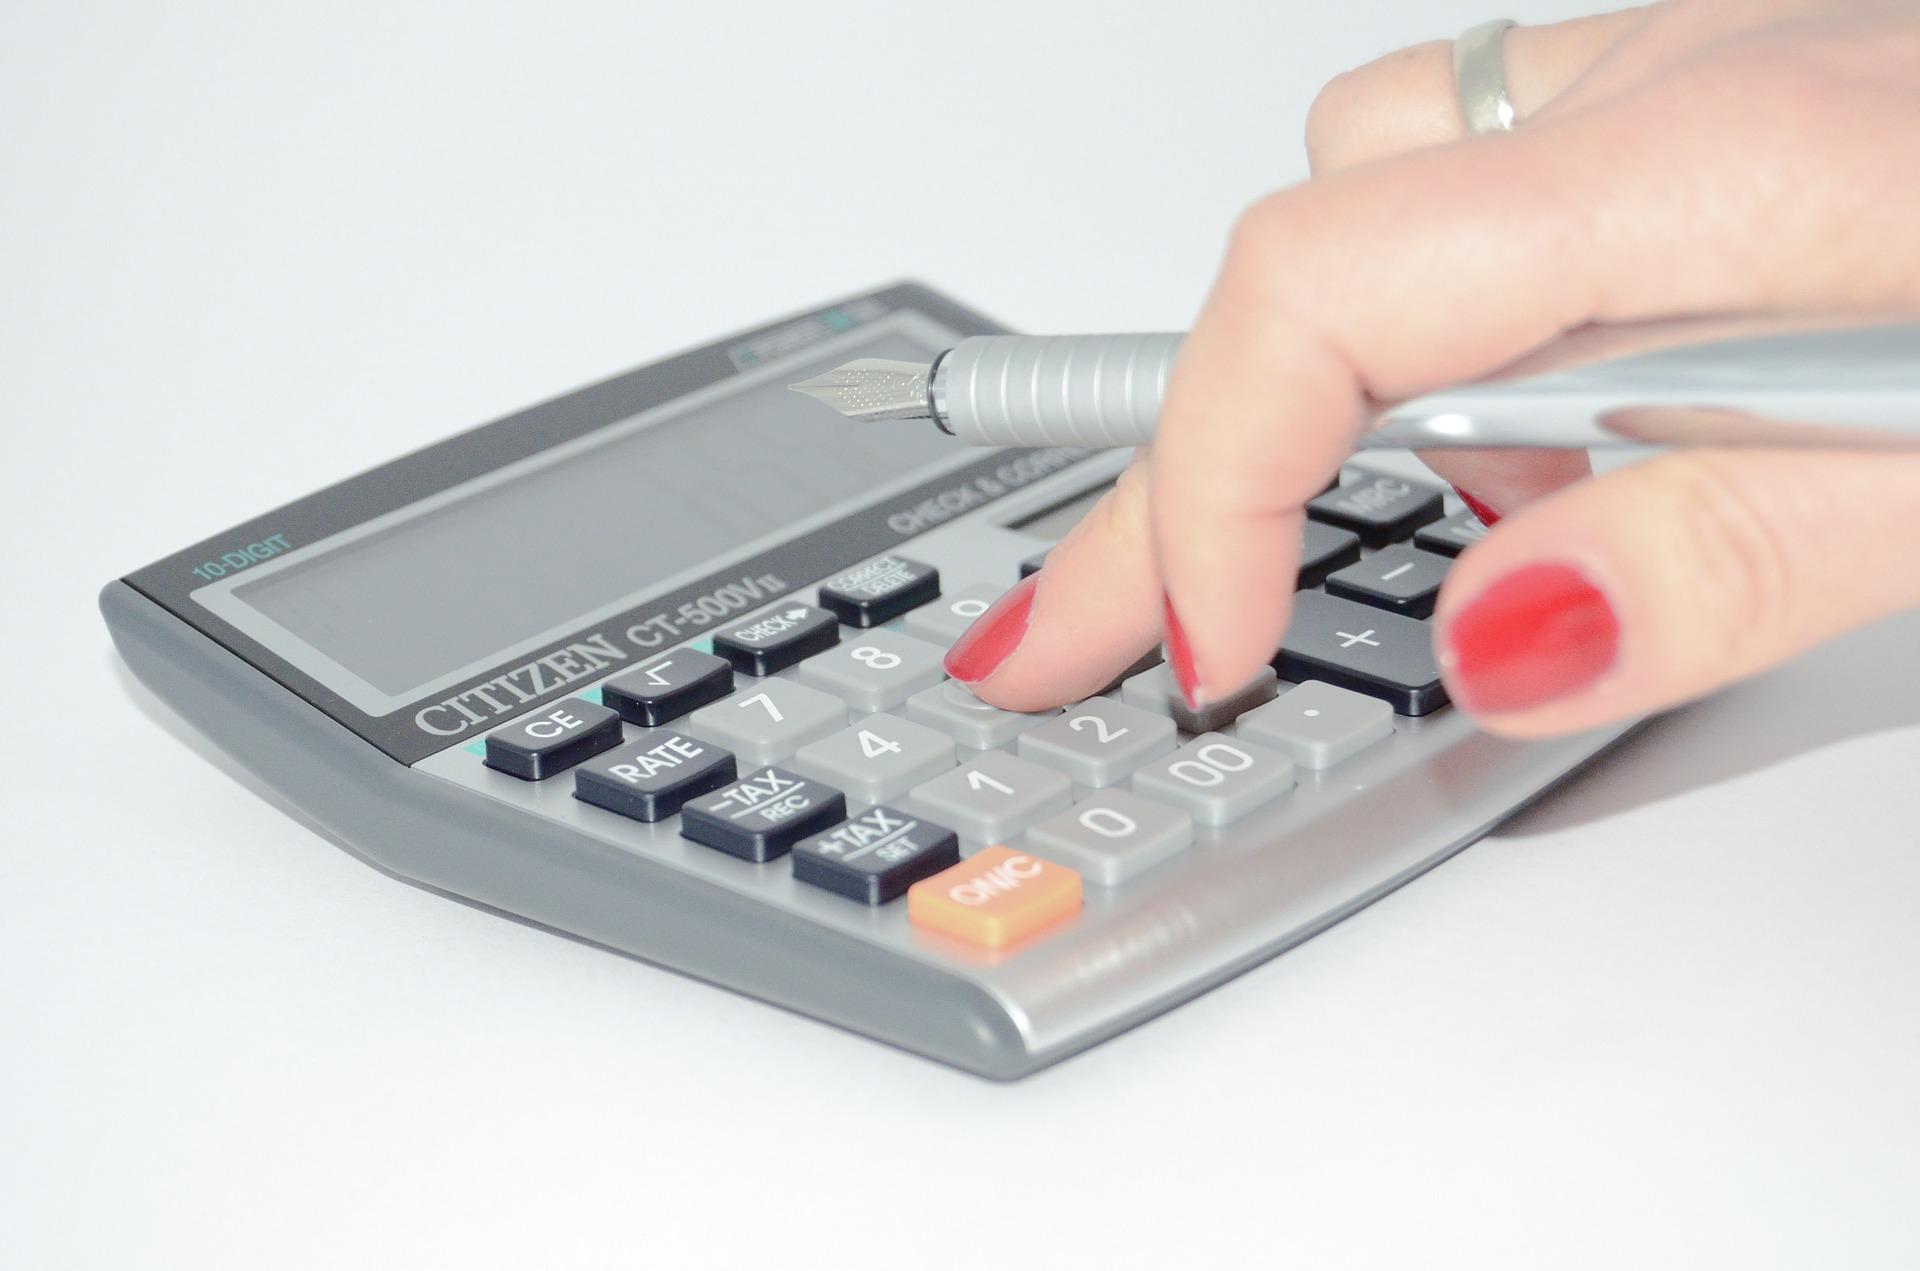 Koszty utrzymania domu - na co wydajemy najwięcej?